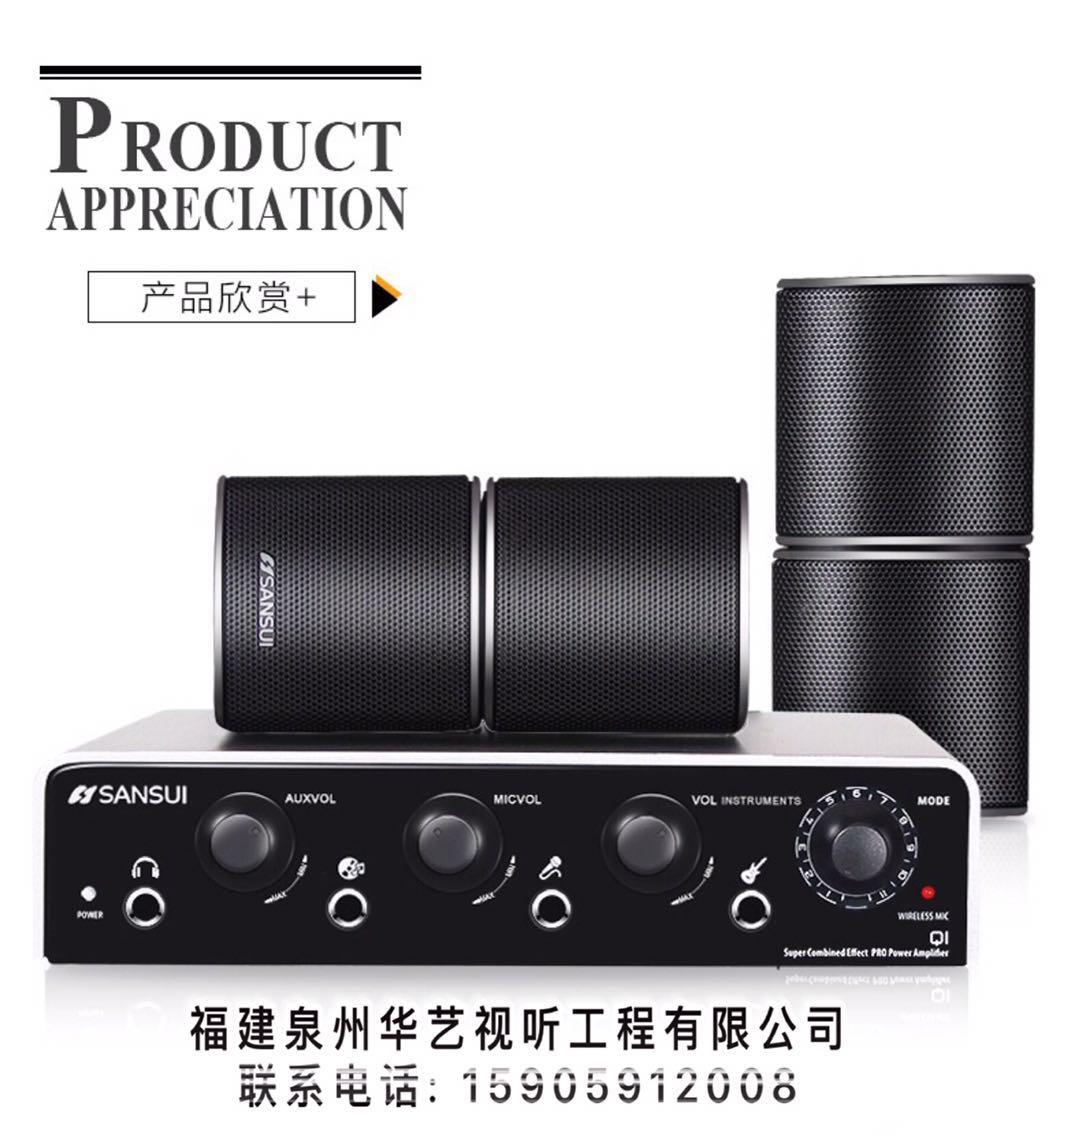 福建泉州山水Q1音箱价格,力荐华艺视听超值的山水Q1超级音响家庭影院音箱